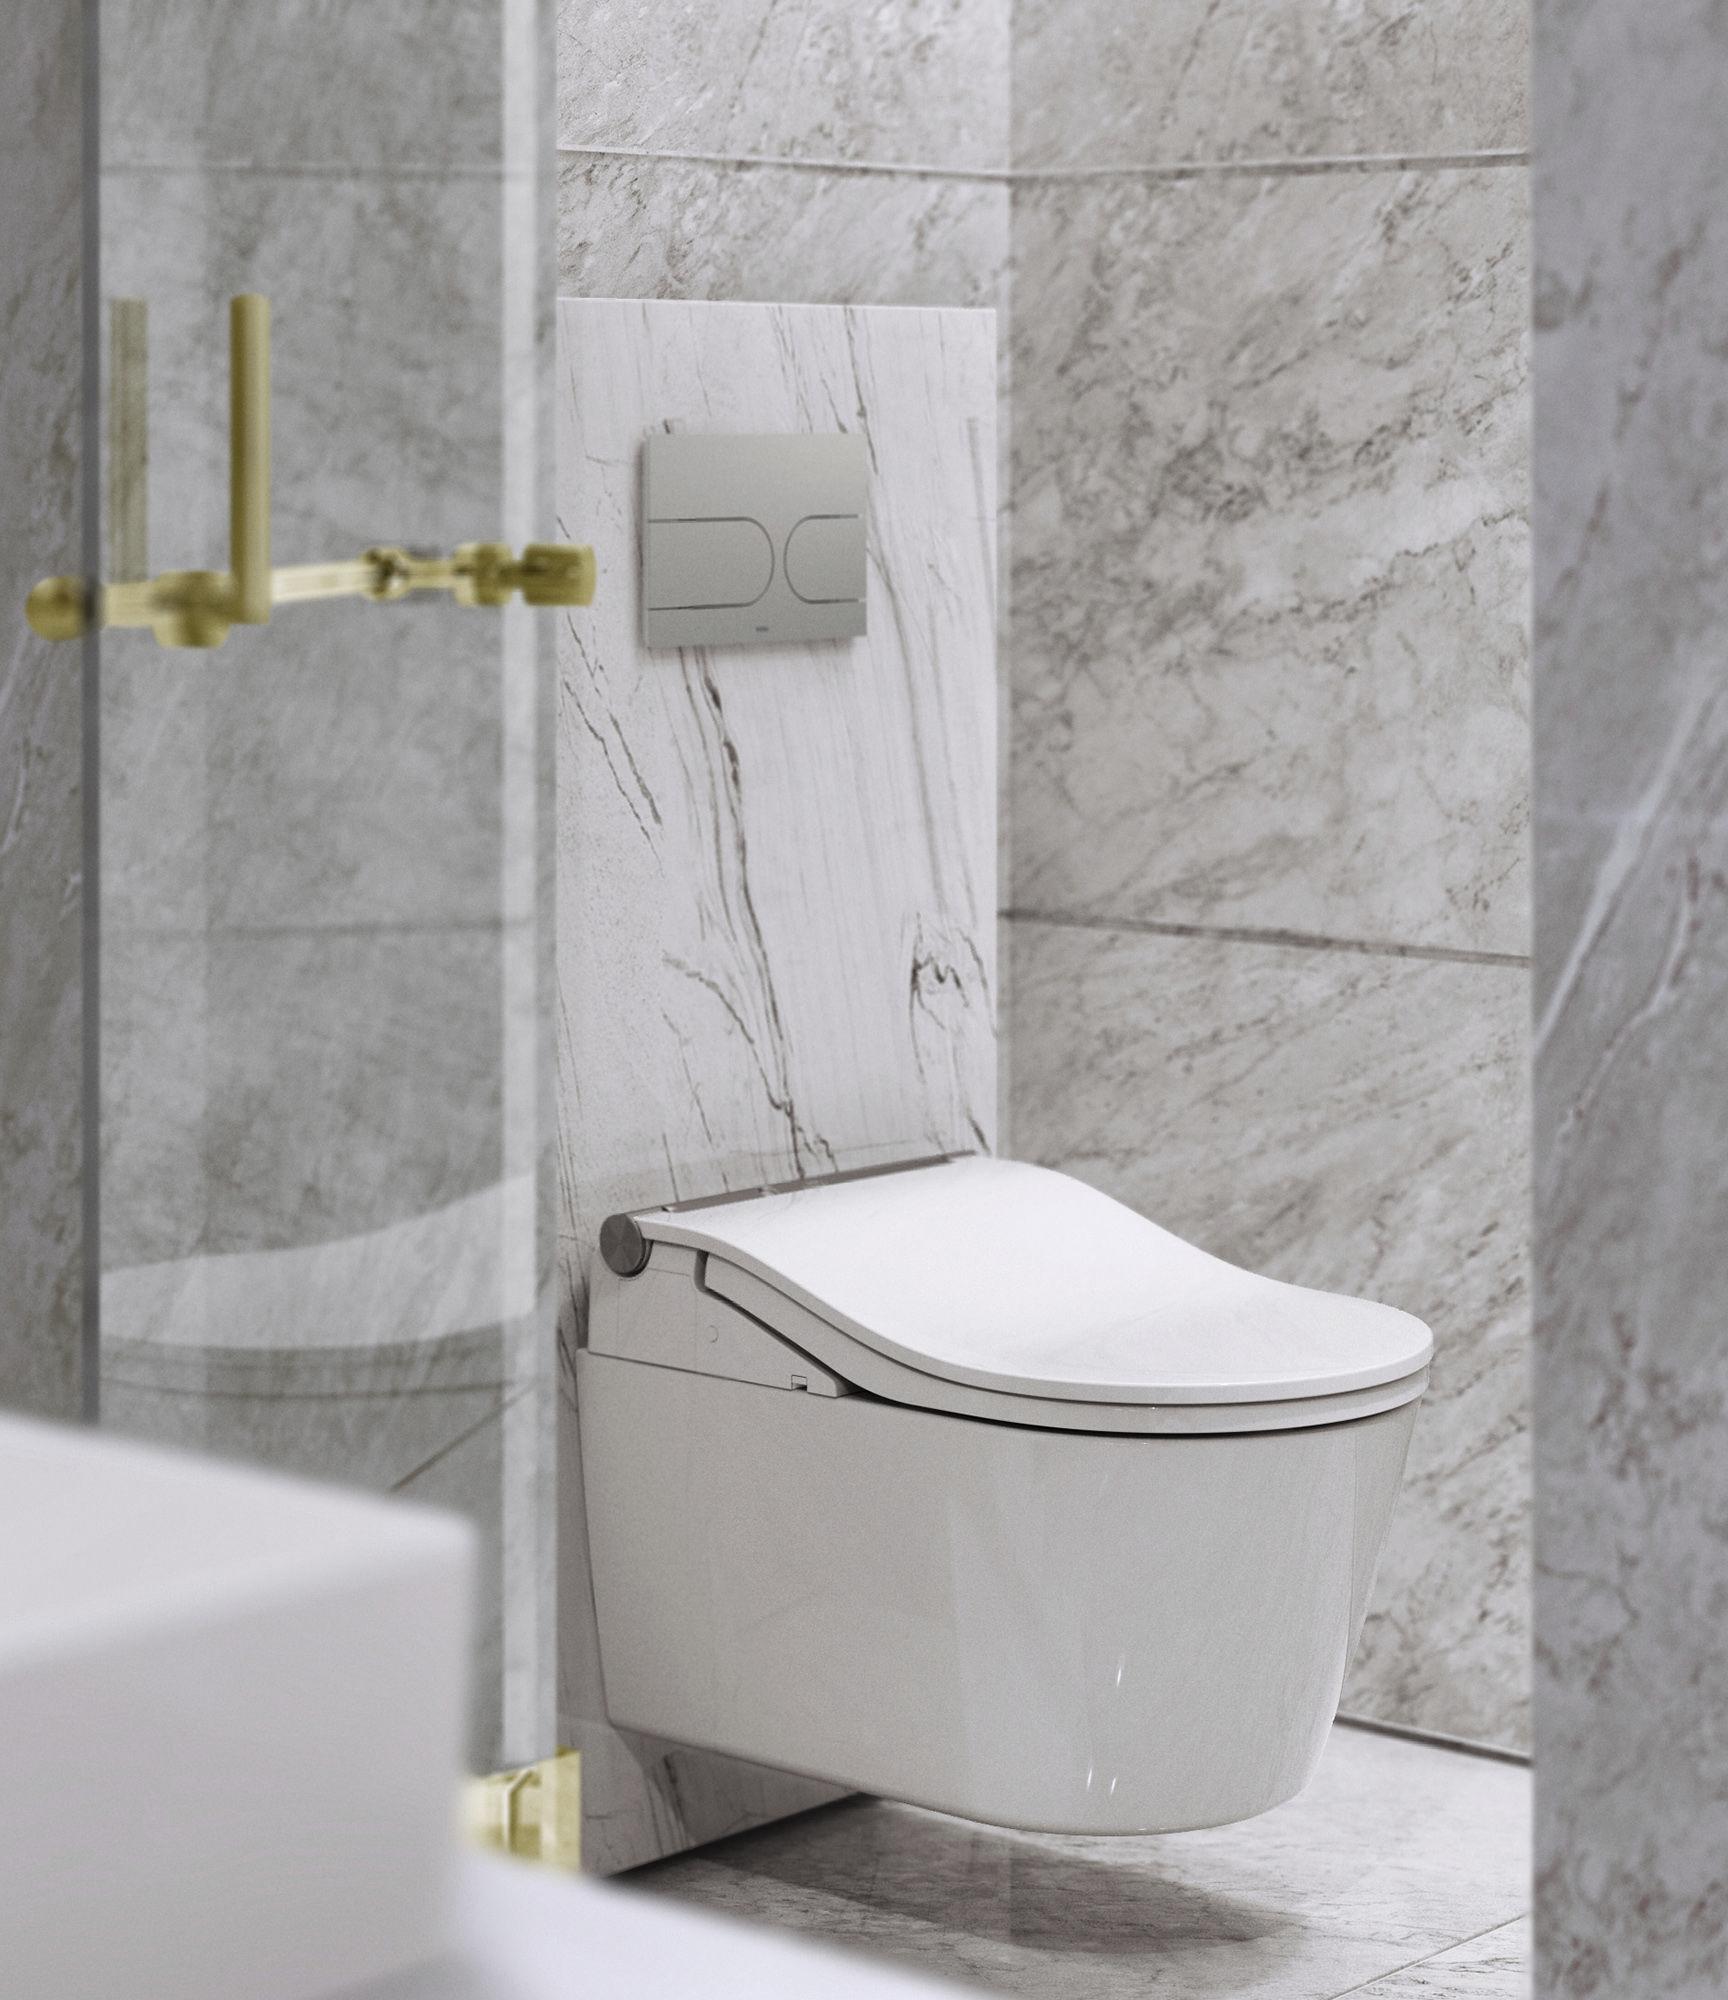 Komplett Set Toto Washlet Rw Automatische Spulung In 2020 Wc Mit Dusche Kasten Dusche